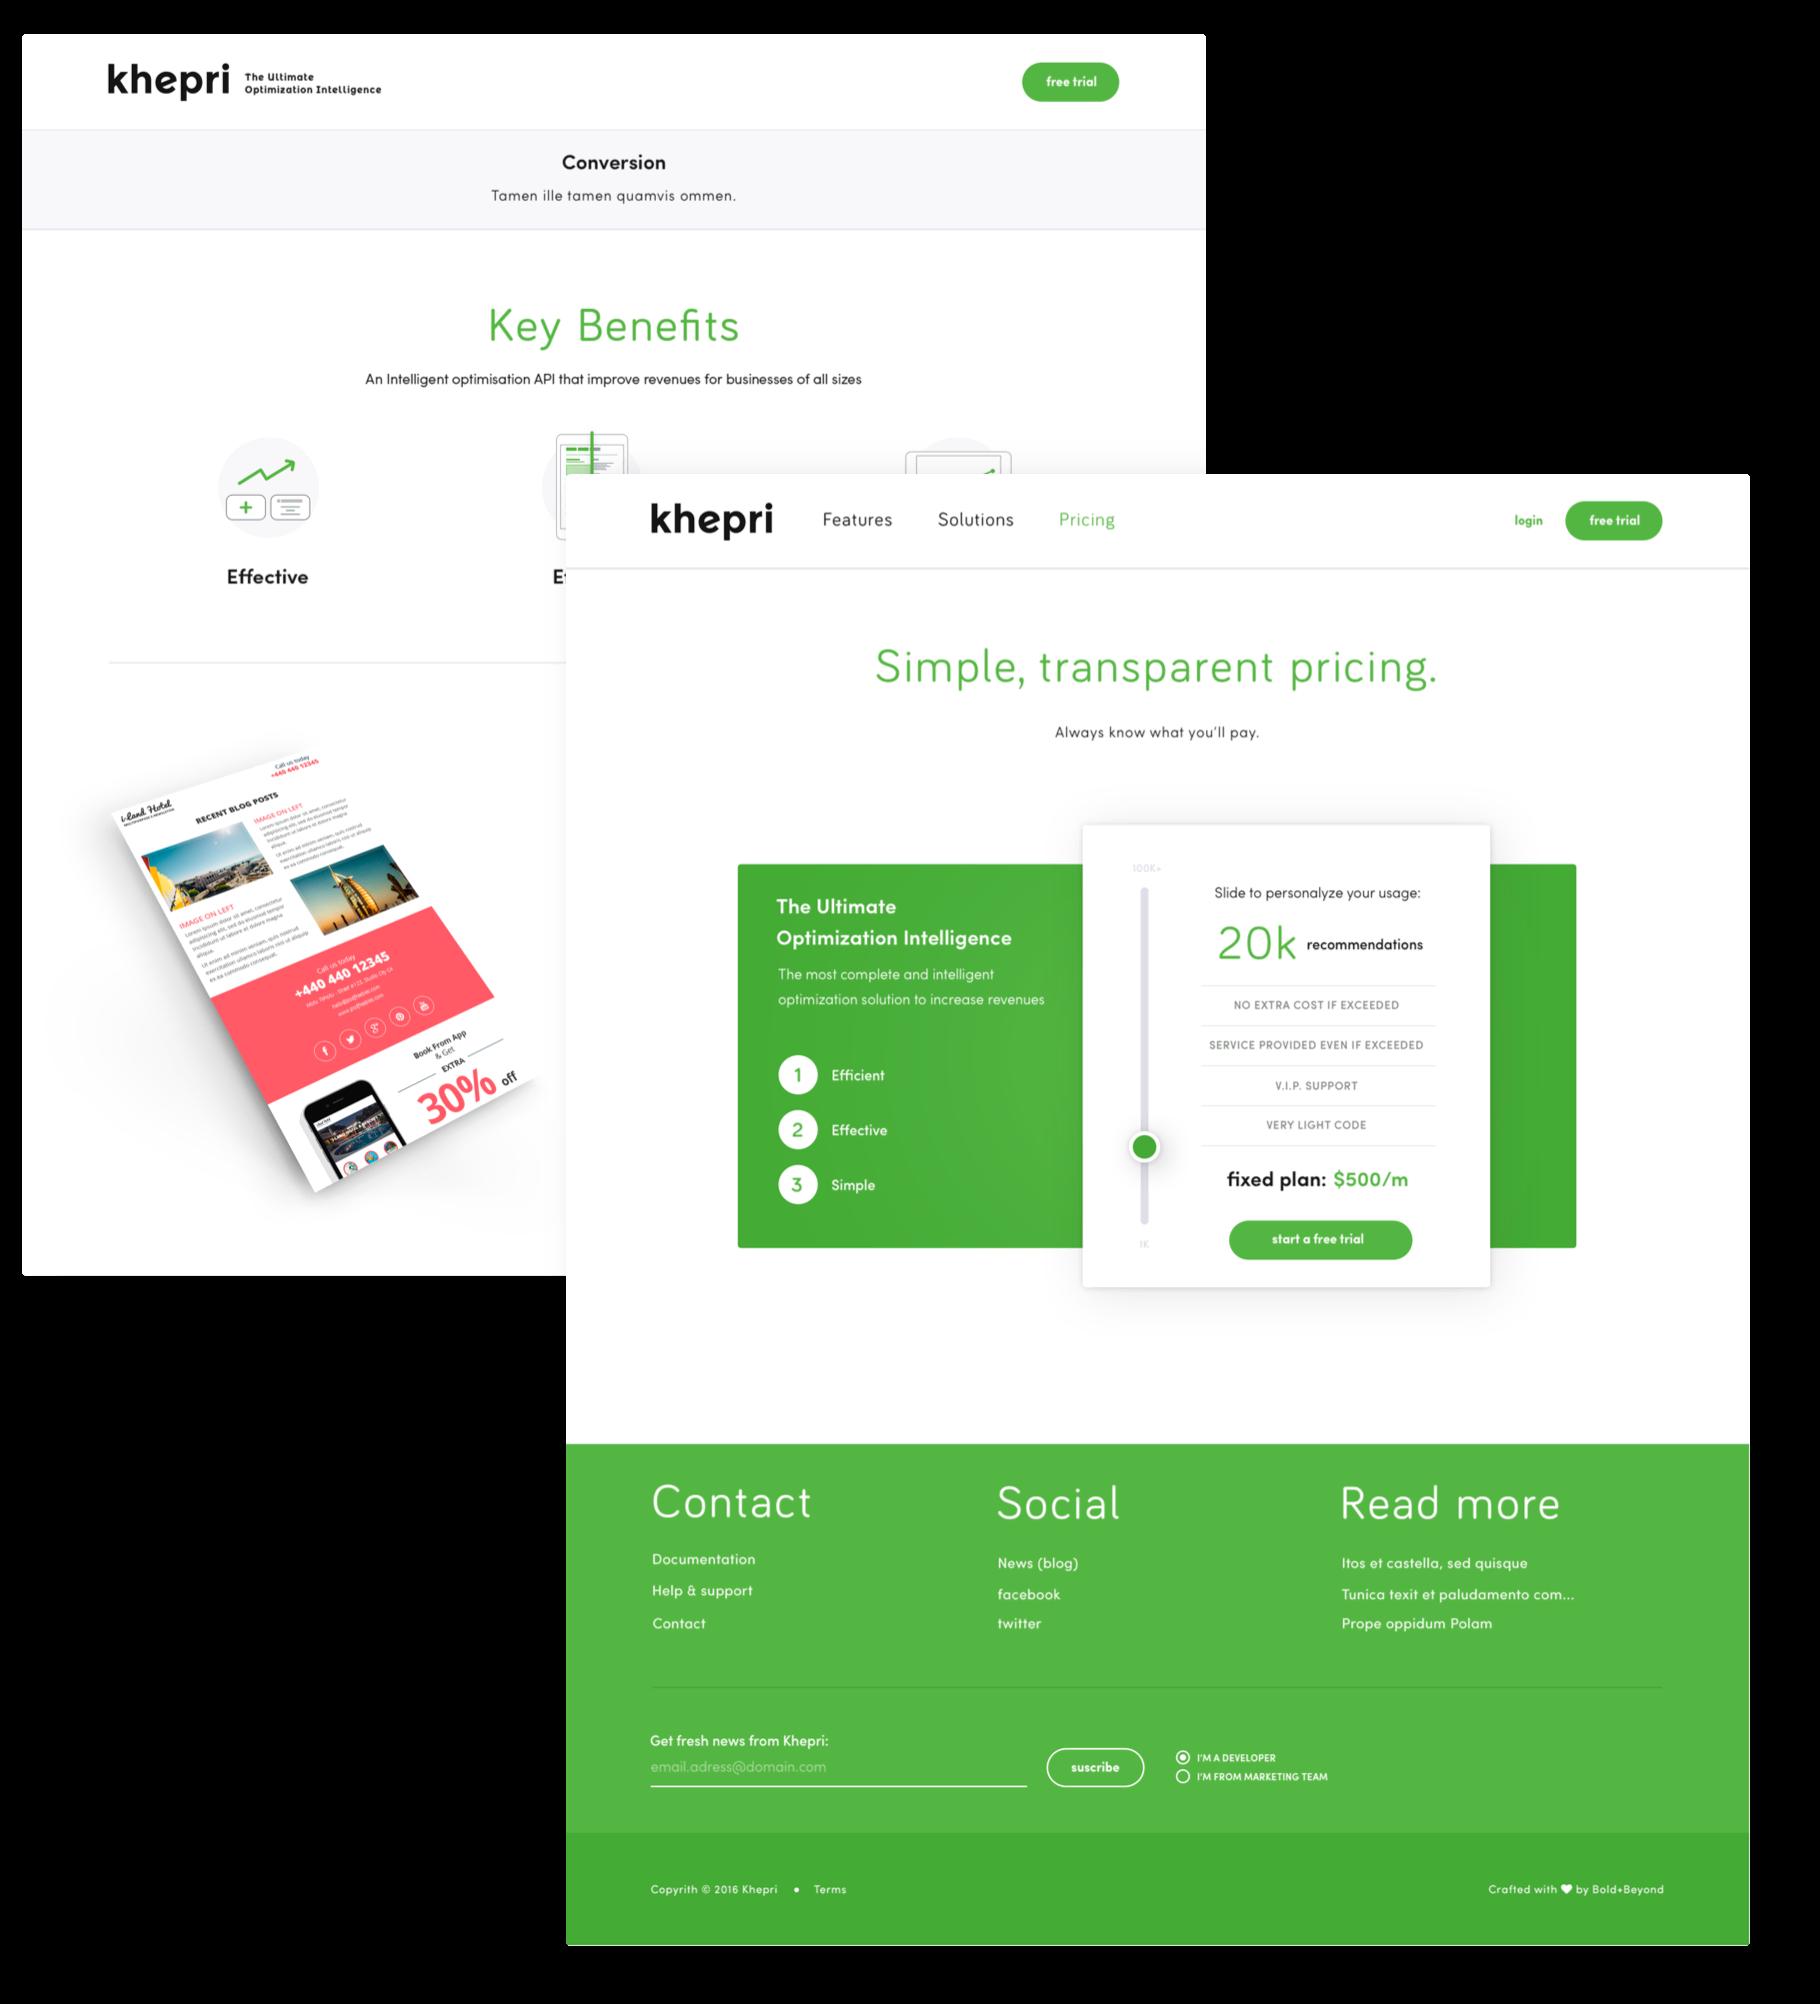 projet-khepri-website-robin_p-designer_02@2x